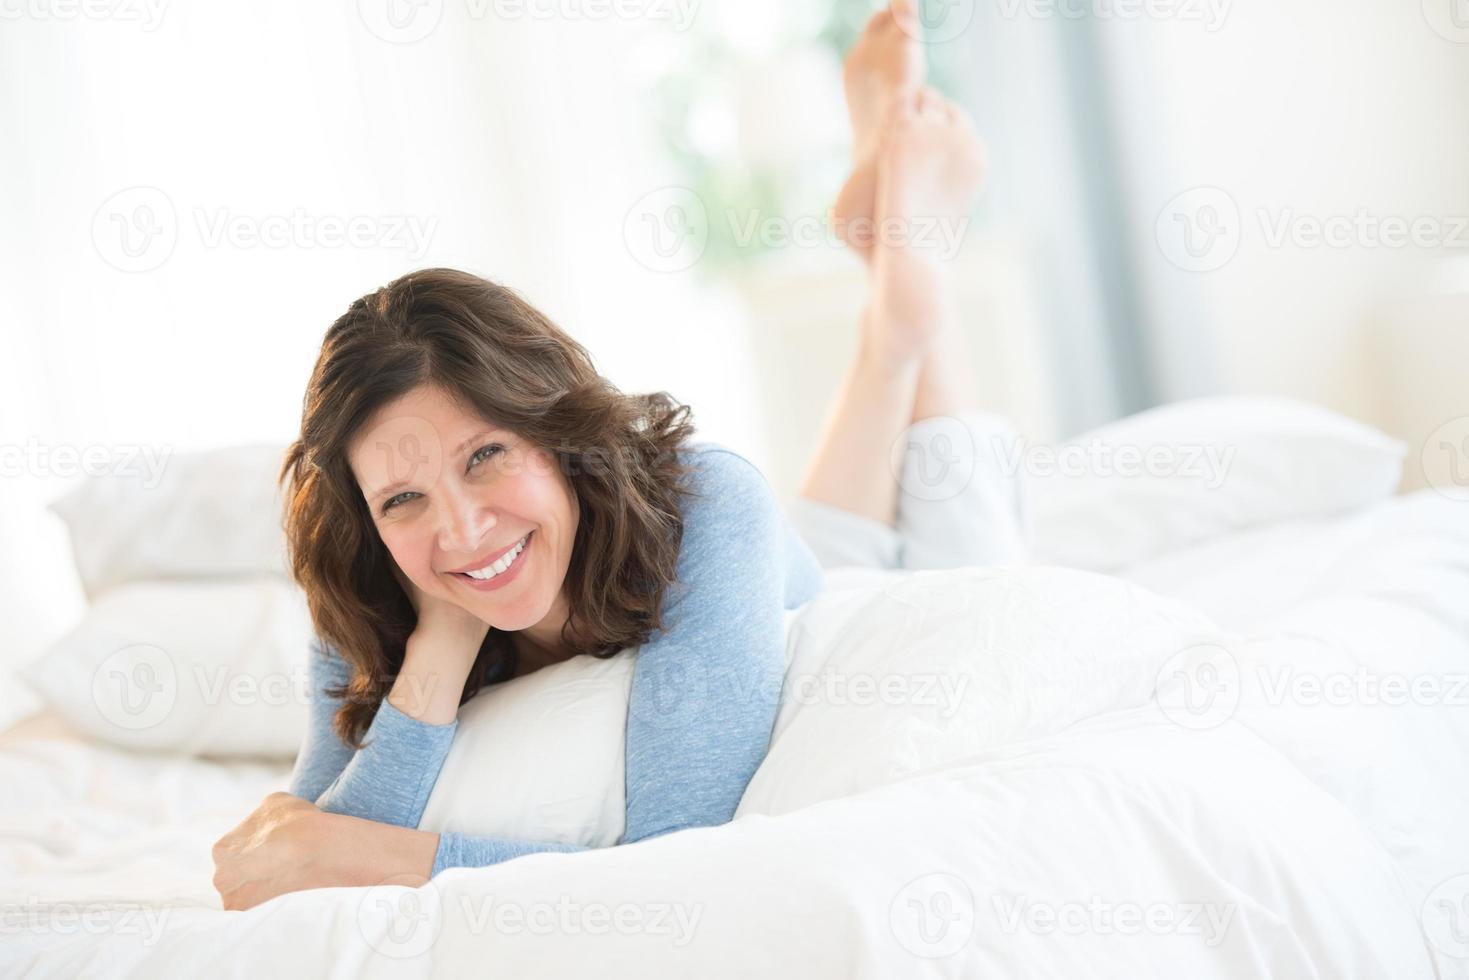 fröhliche reife Frau, die im Bett liegt foto